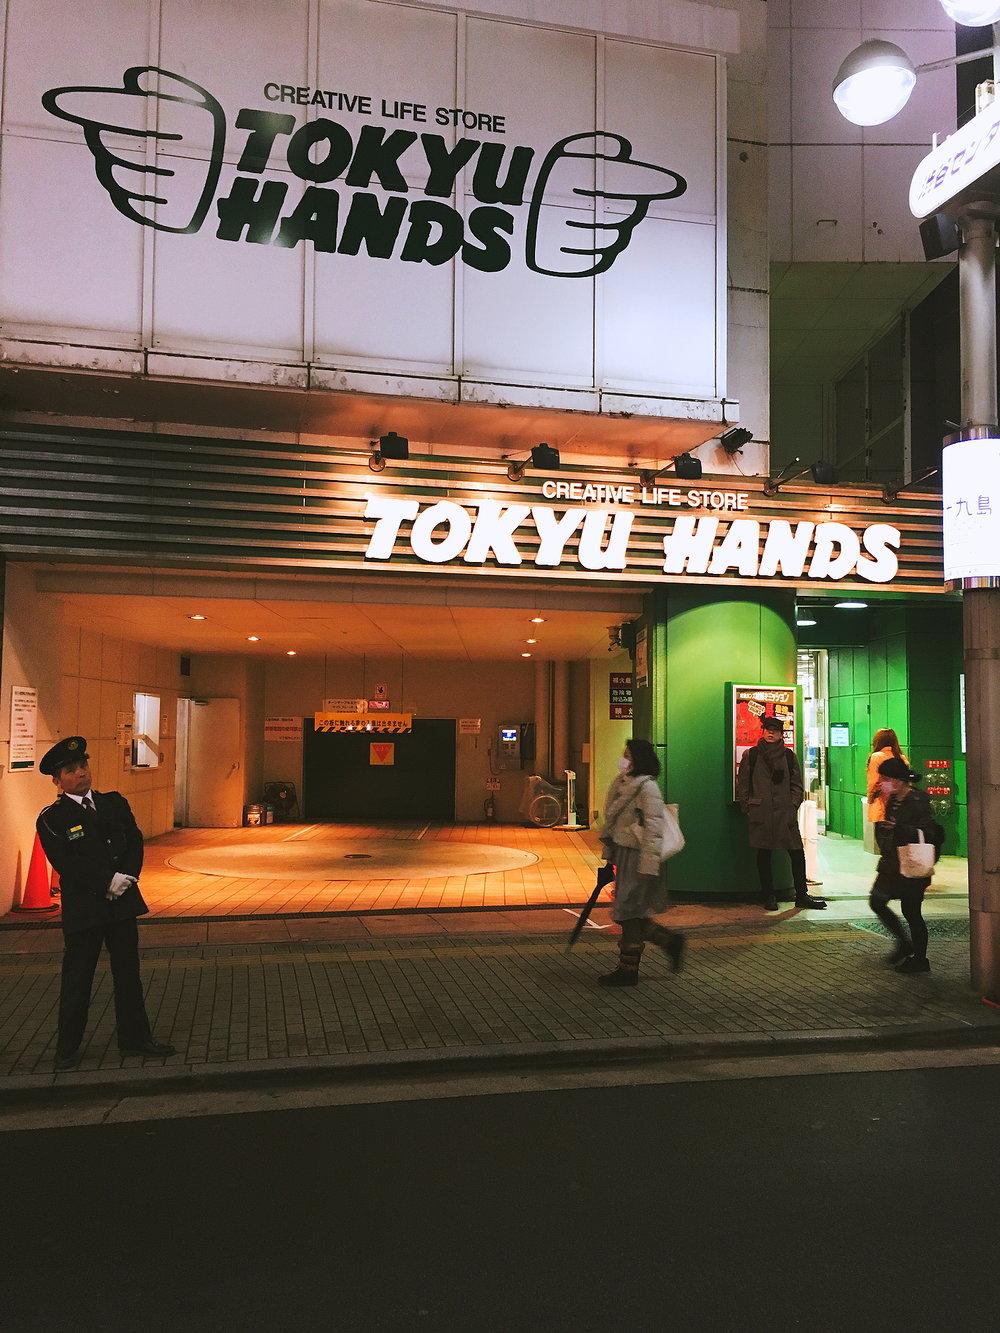 Tokyu Hands store-front